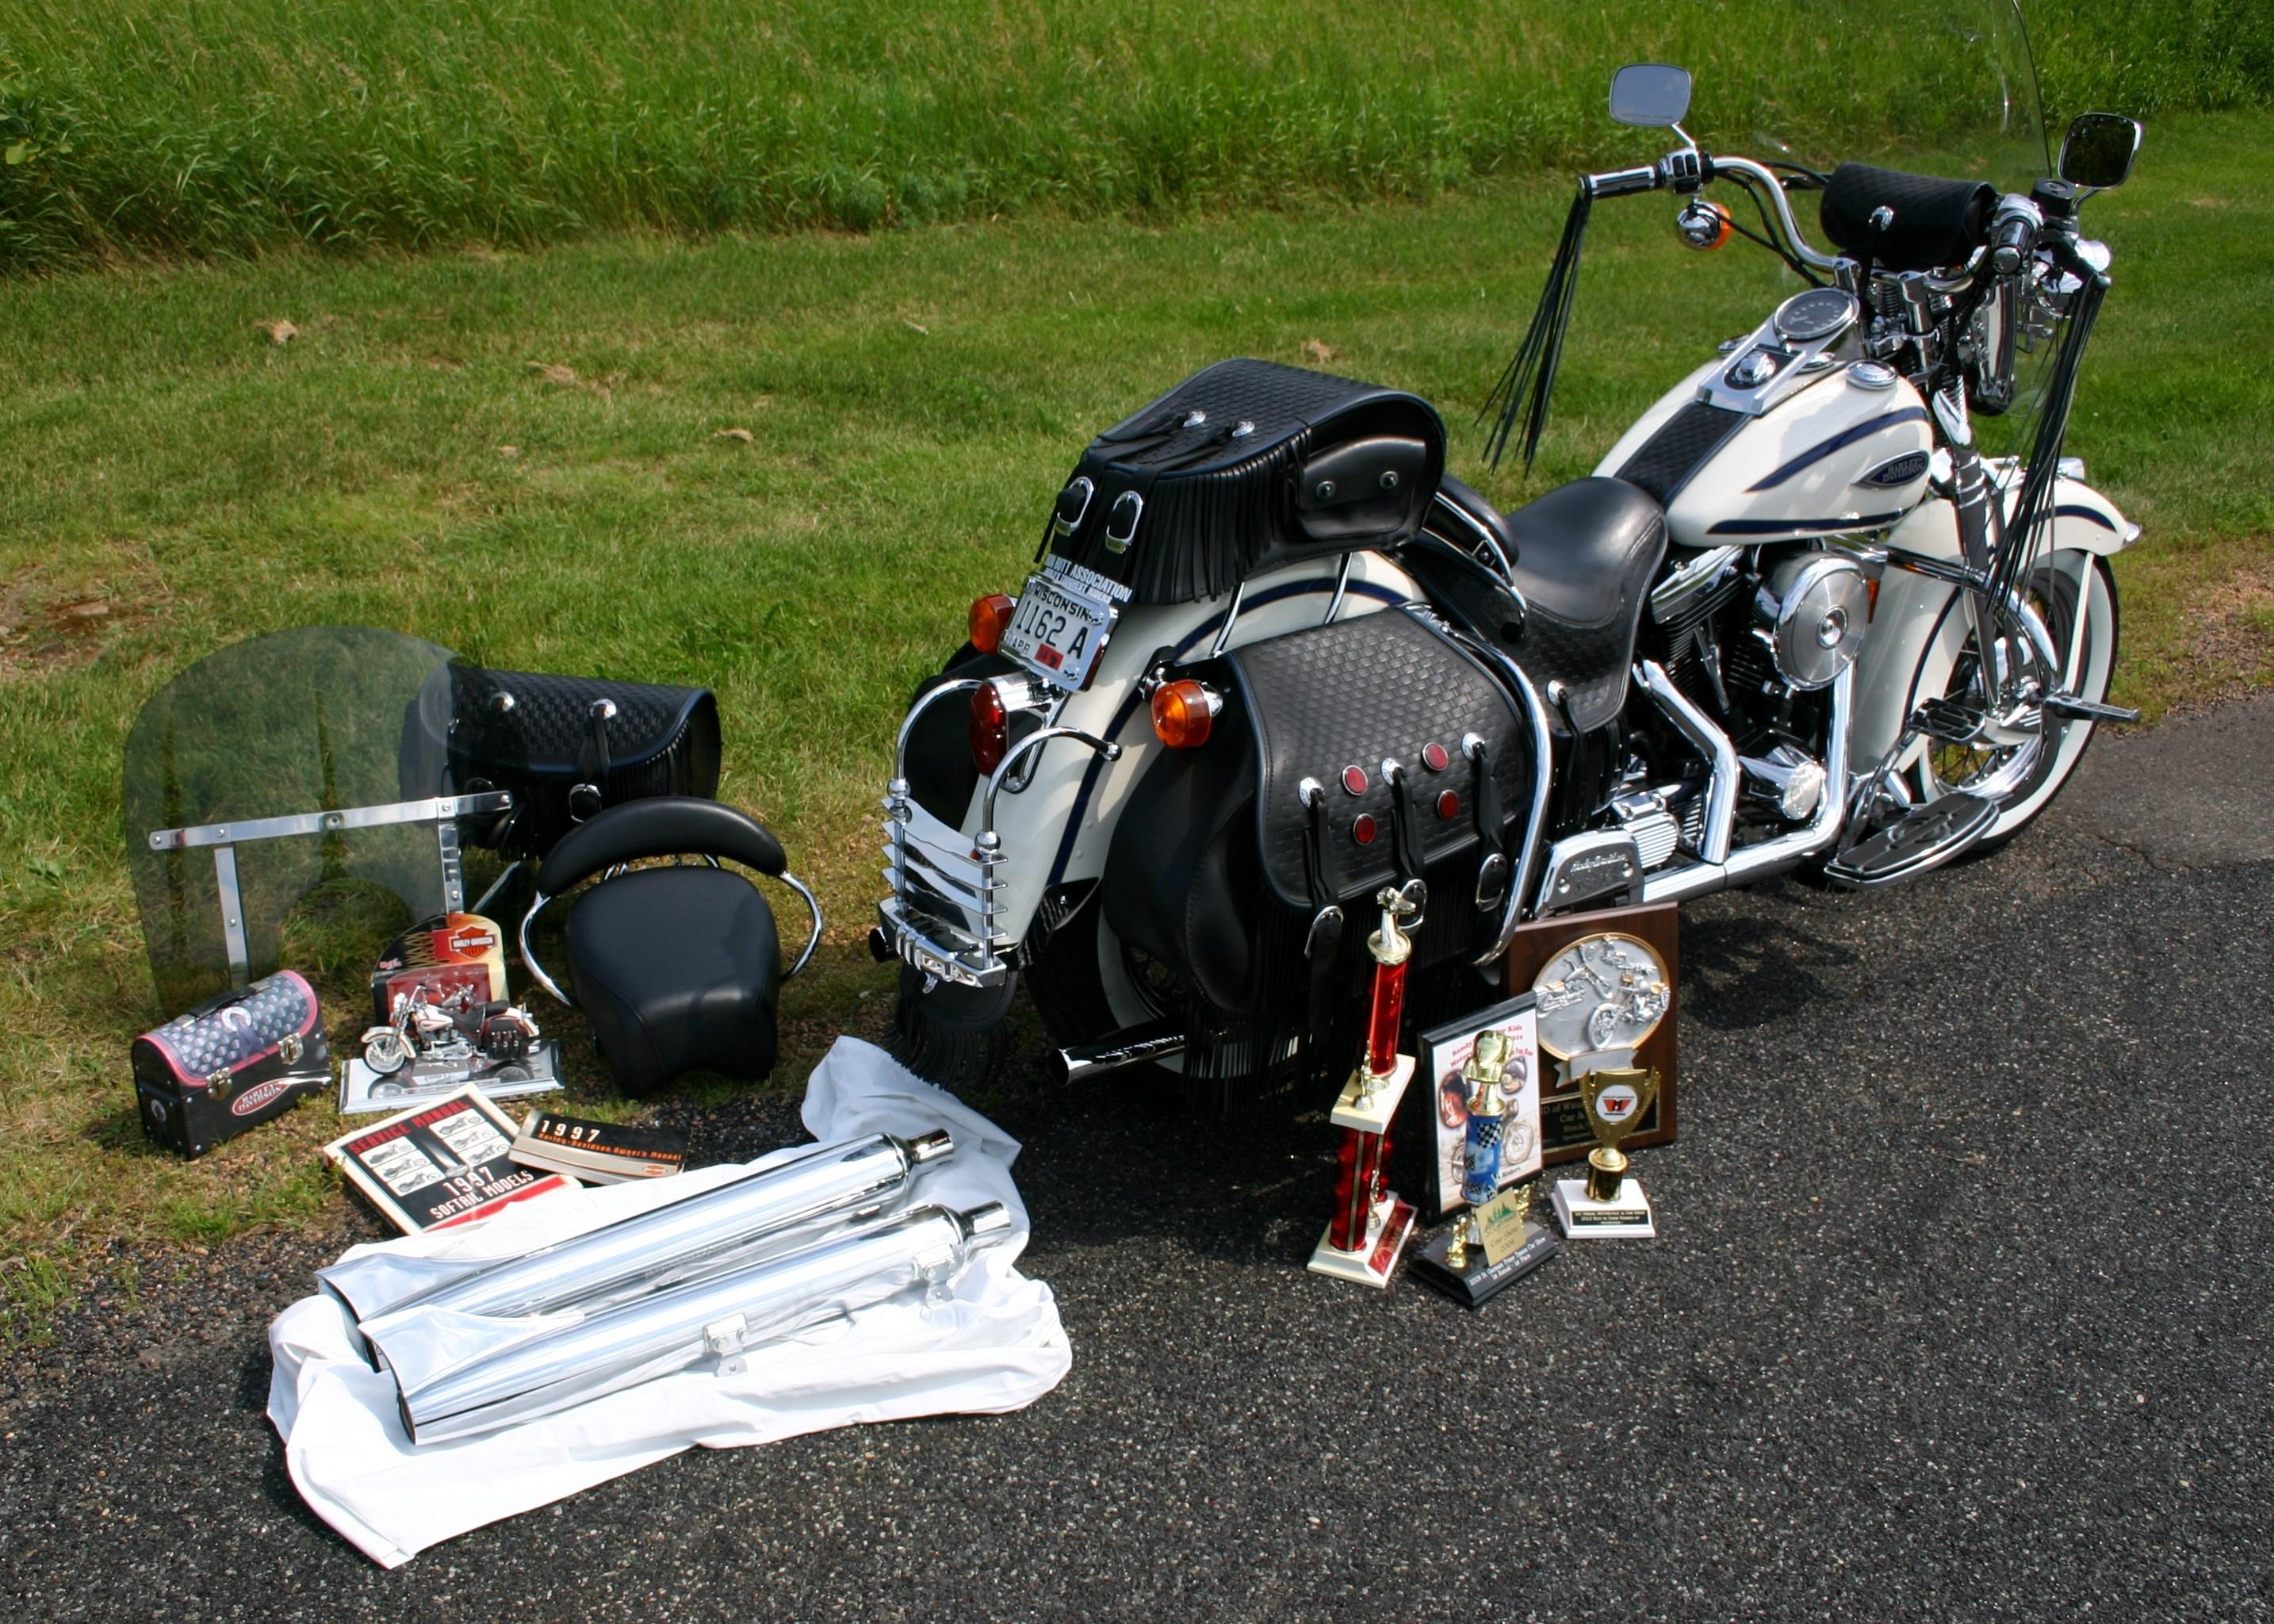 1997 Harley Davidson 174 Flsts Heritage Springer 174 Birch